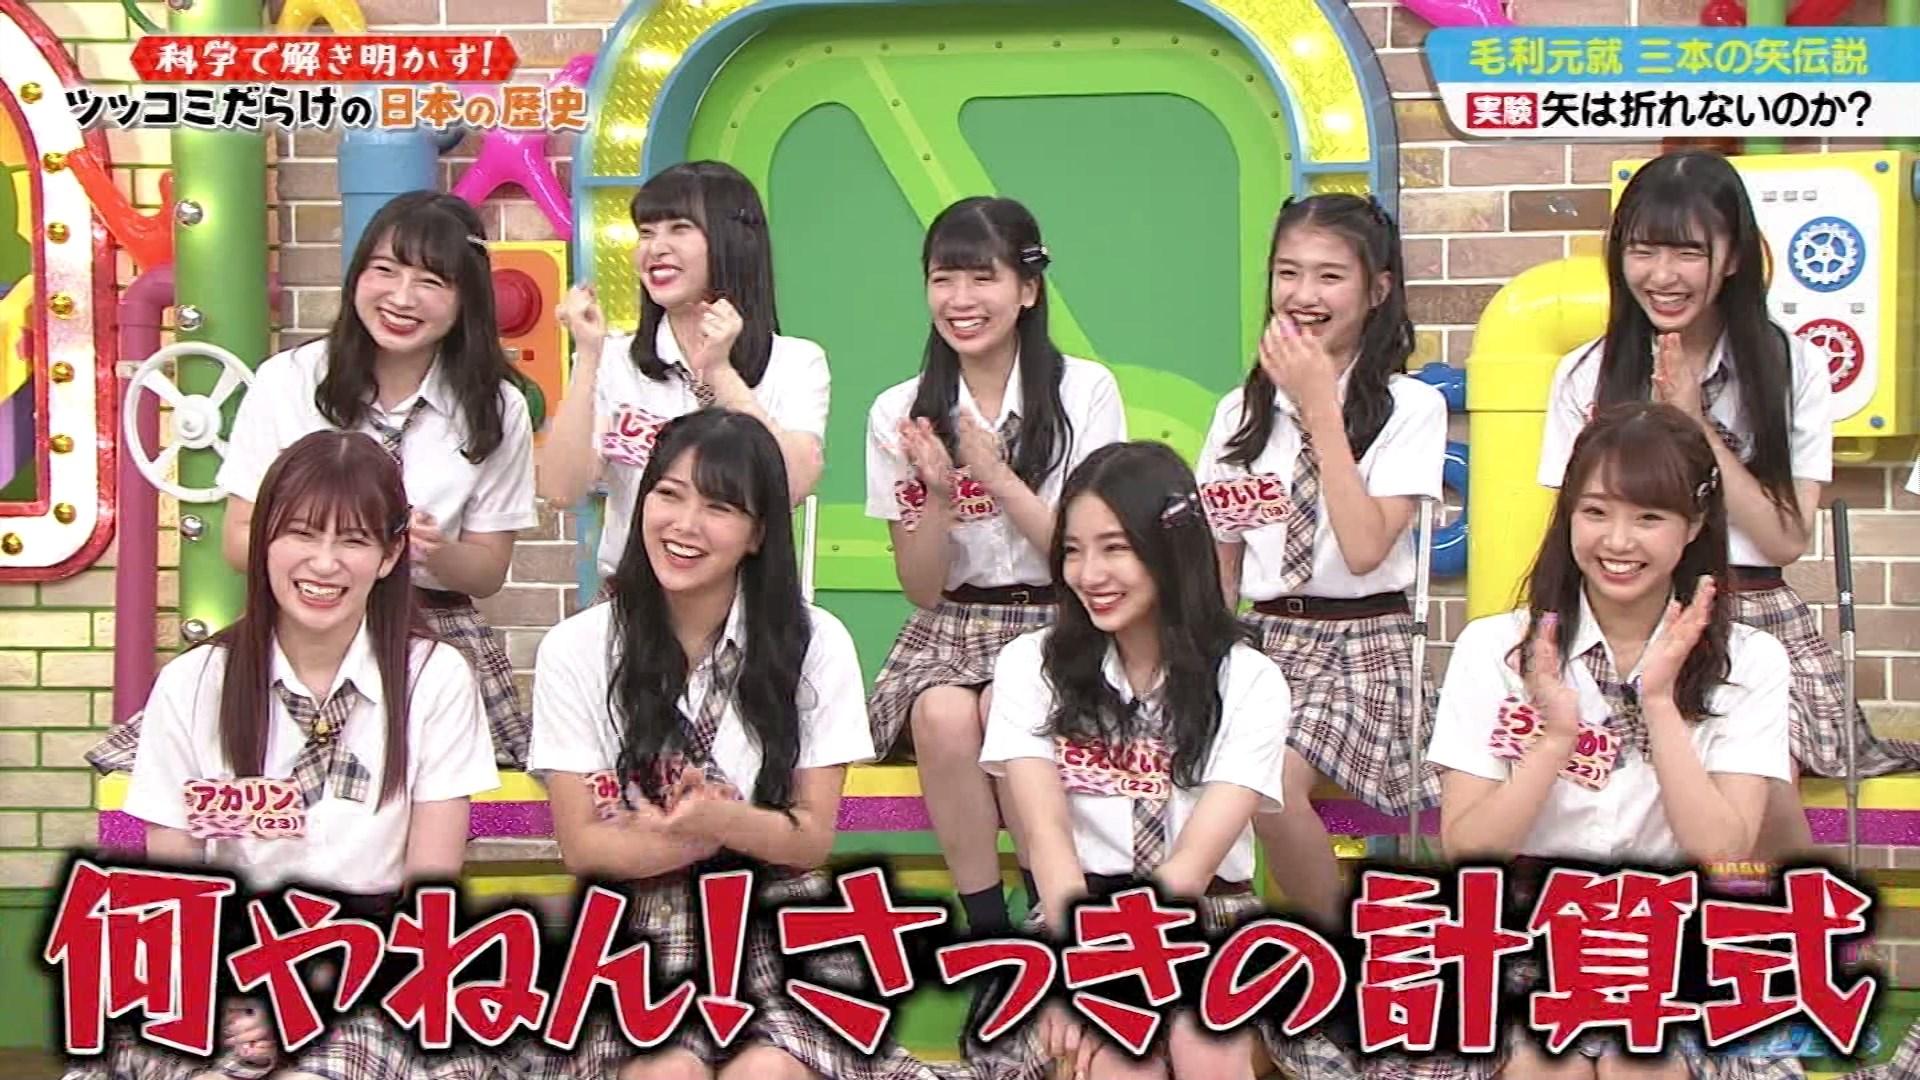 【NMB48】9月27日放送「NMBとまなぶくん」#327の画像。日本の歴史の新雑学